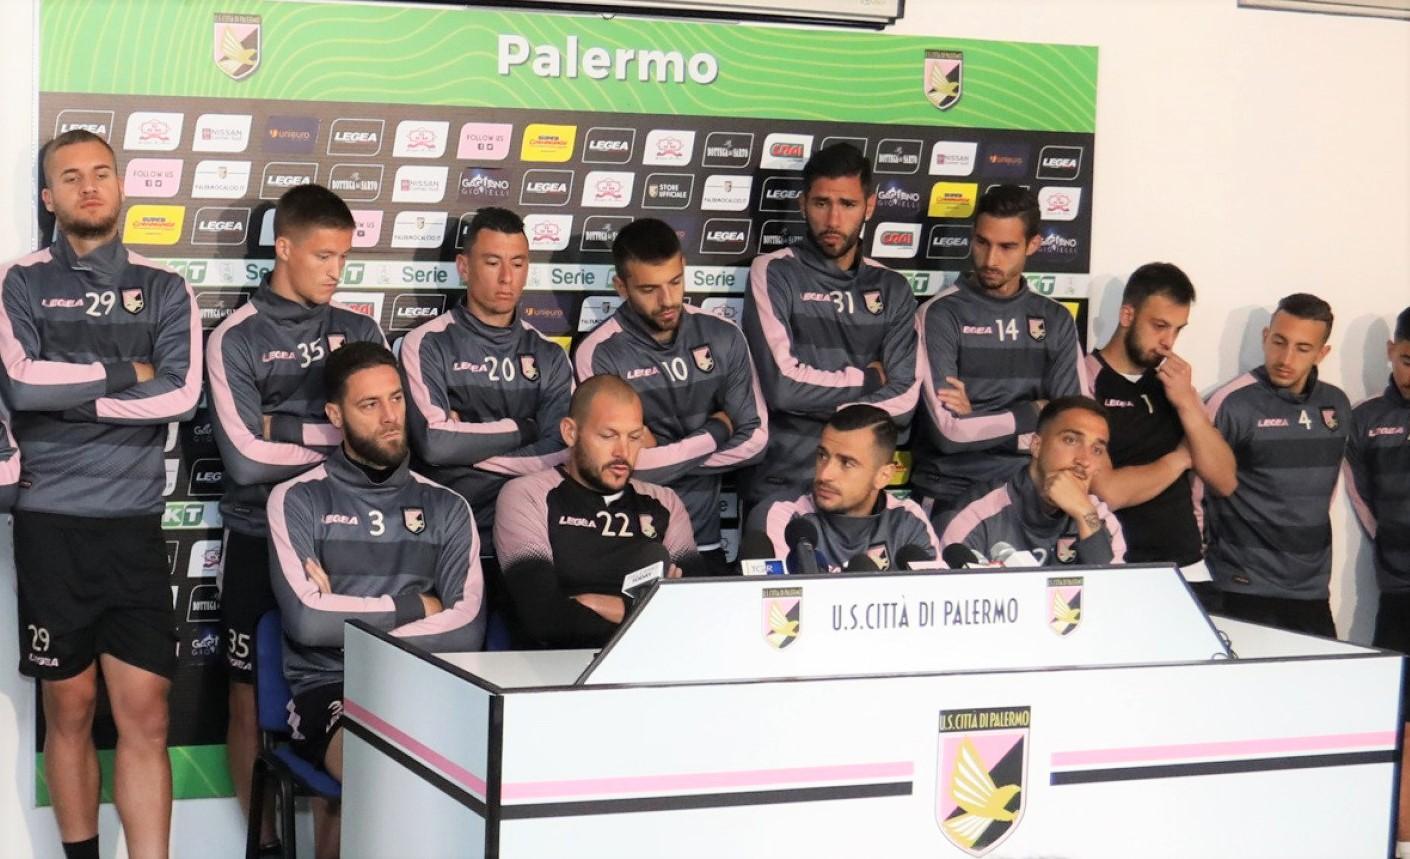 """Palermo in C? I giocatori: """"Rivendichiamo diritto a giocare"""""""